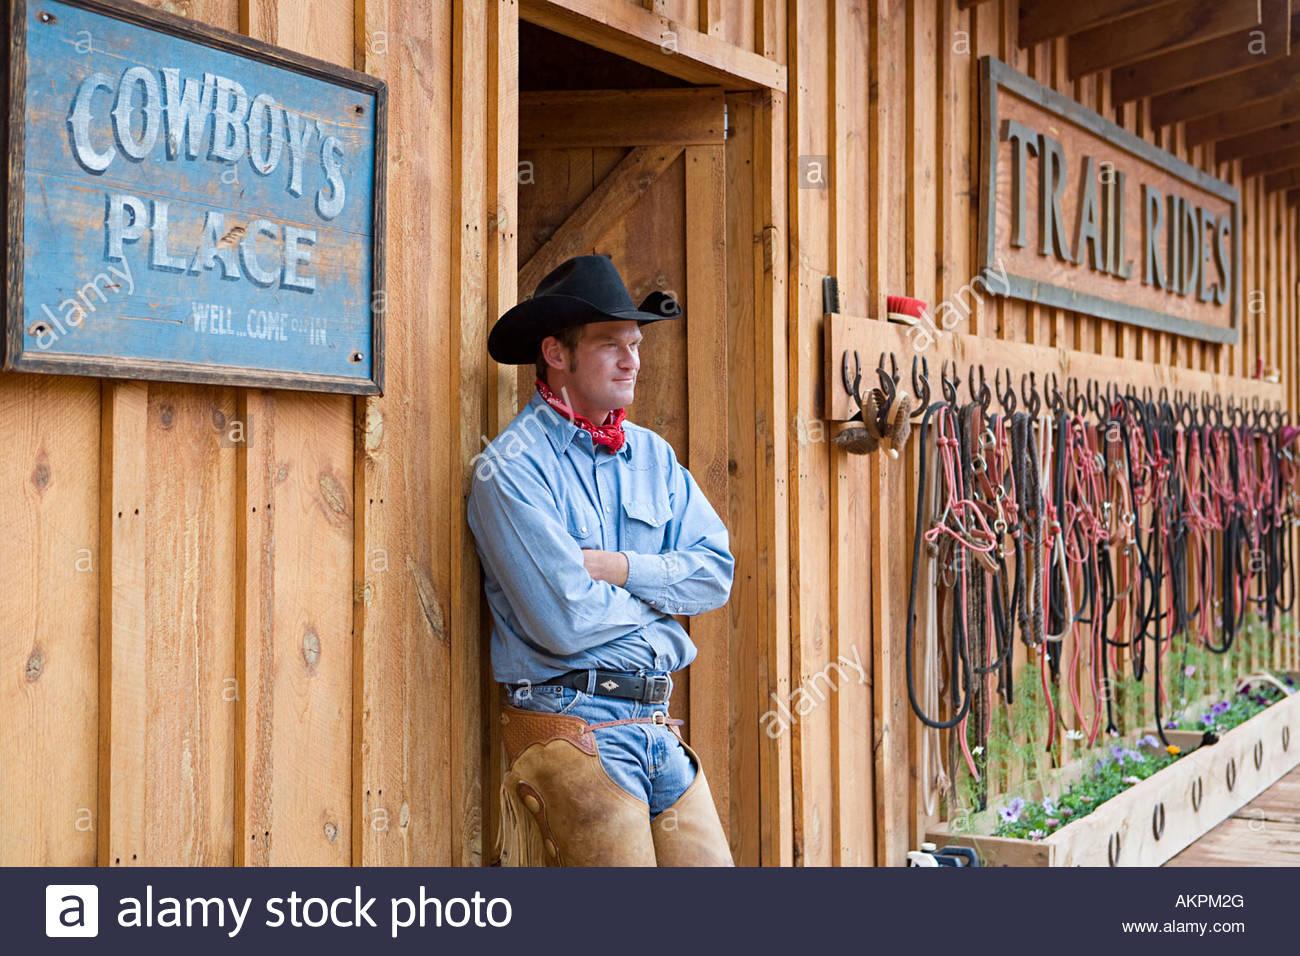 Cowboy at ranch - Stock Image